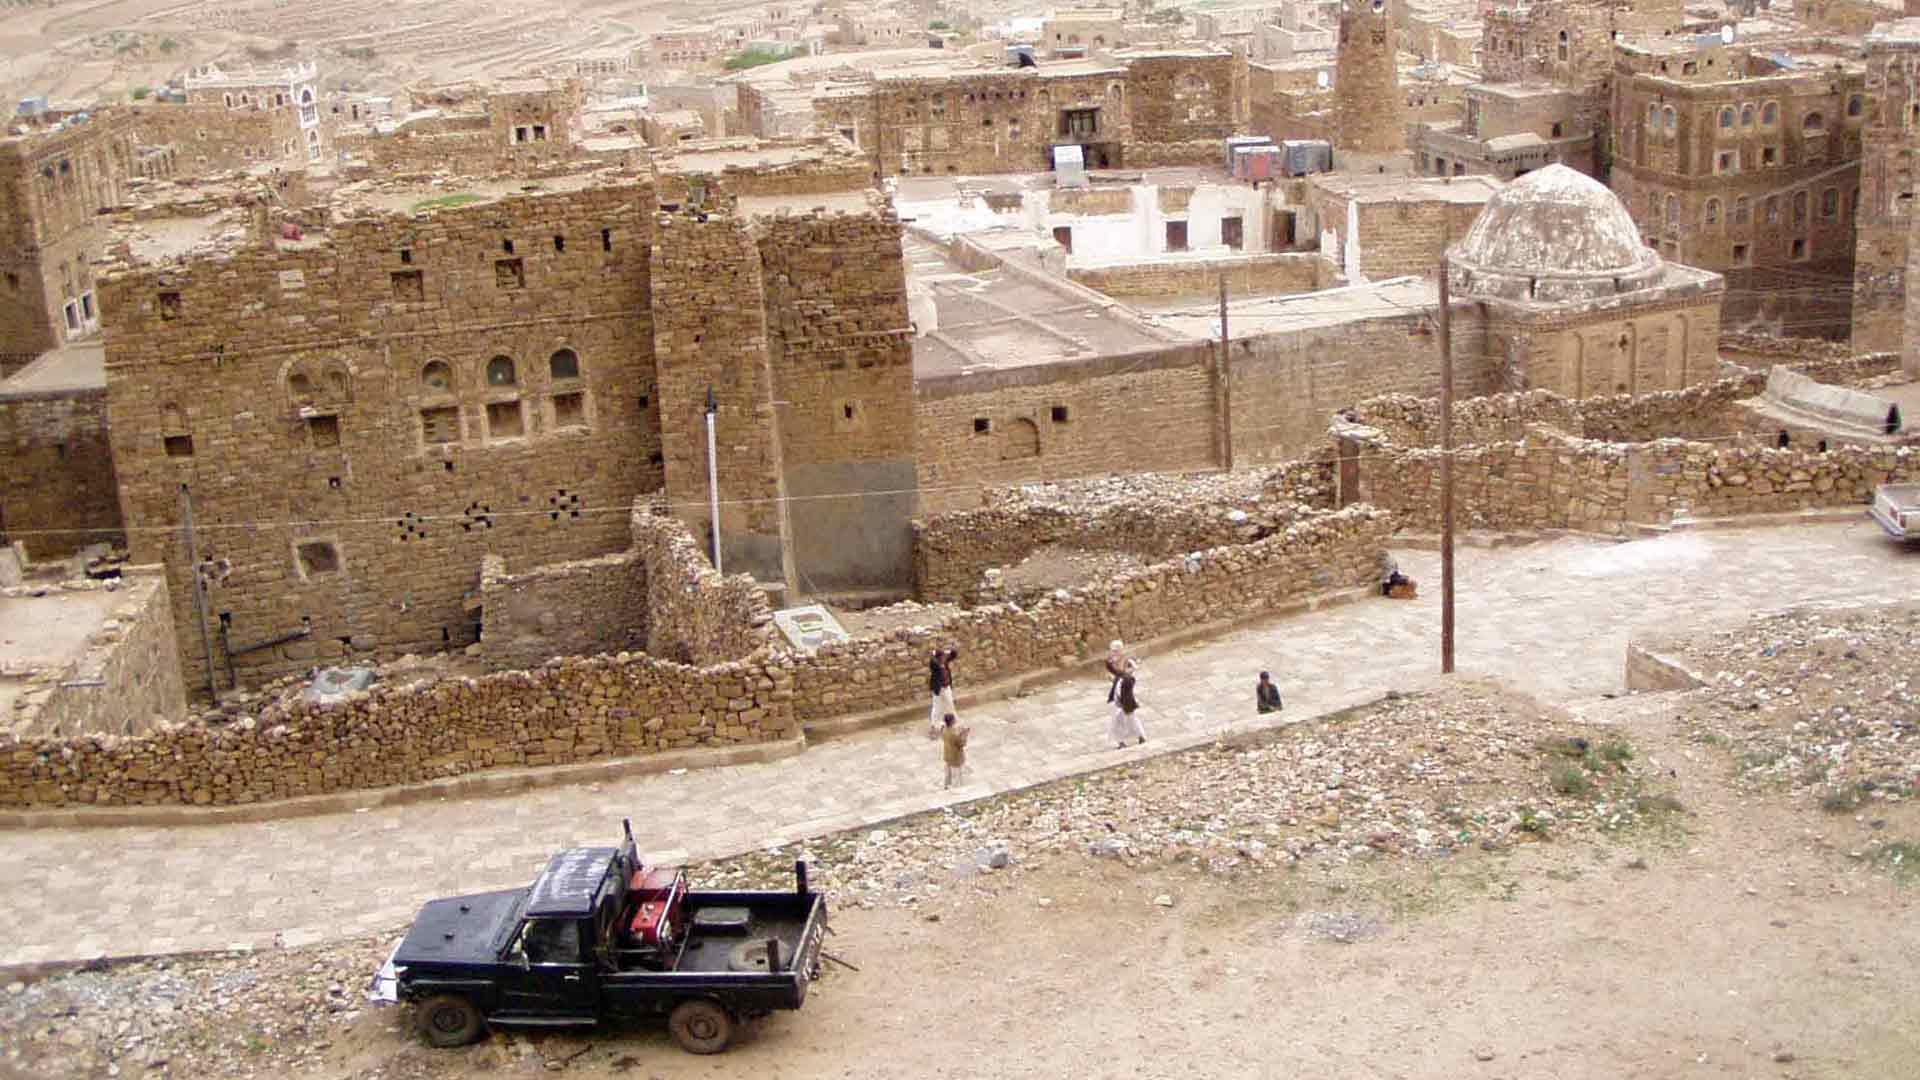 Blick auf das Dorf Thujlla im Jemen